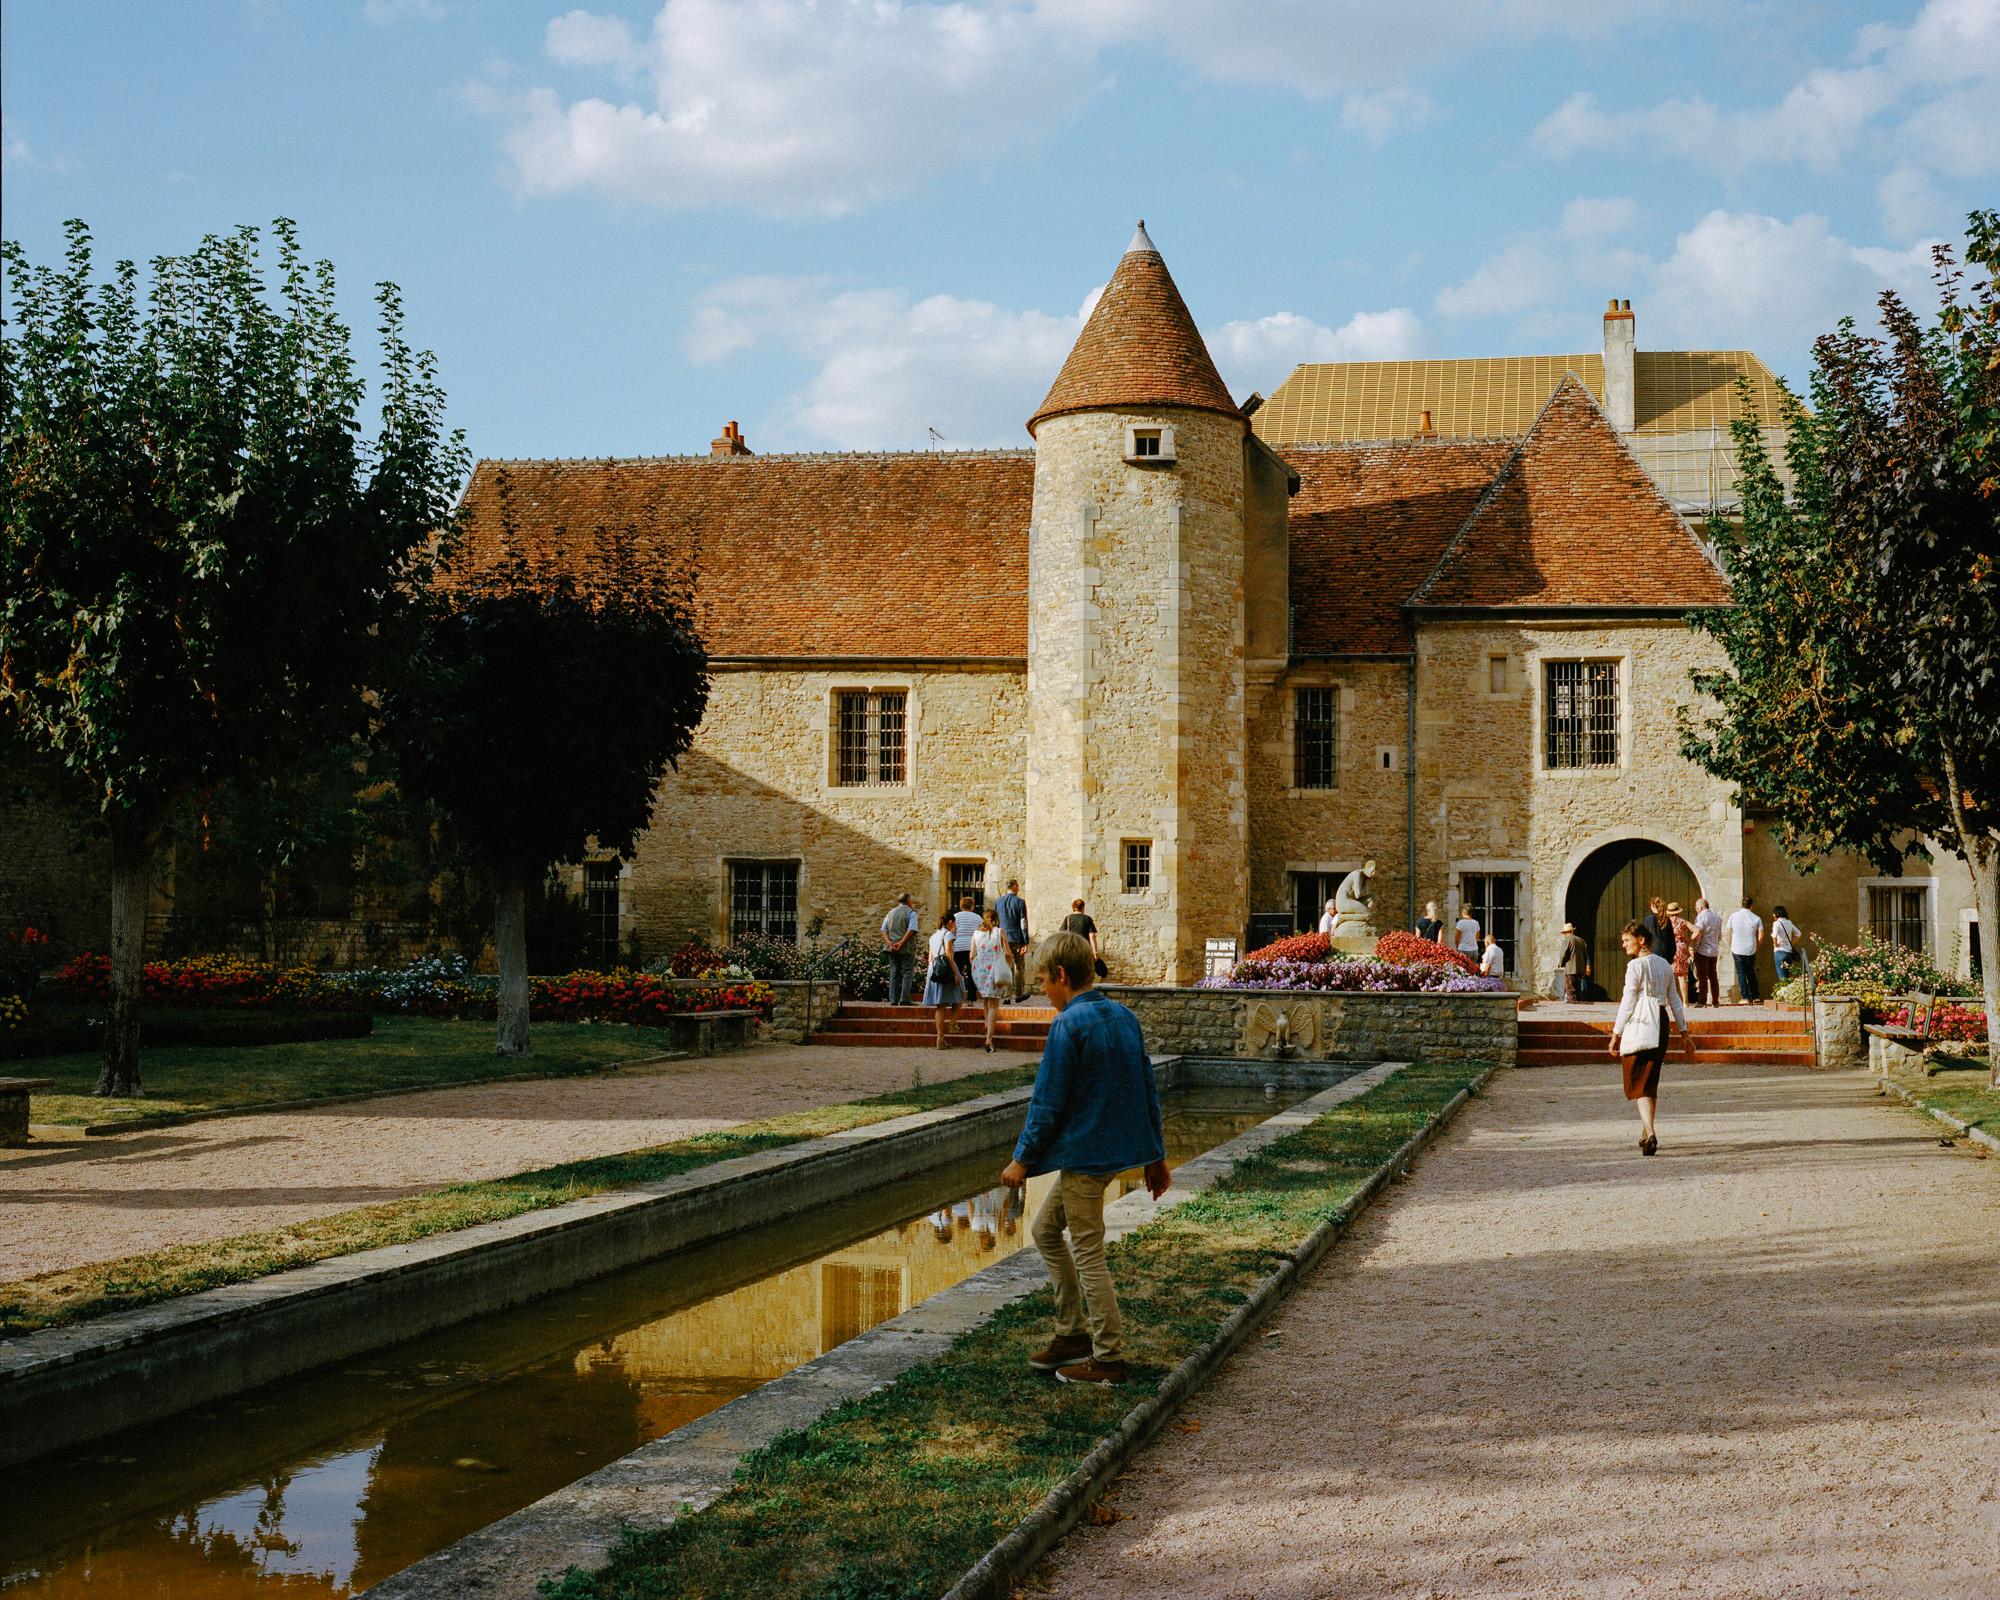 Musée Saint-Vic de Saint-Amand-Montrond